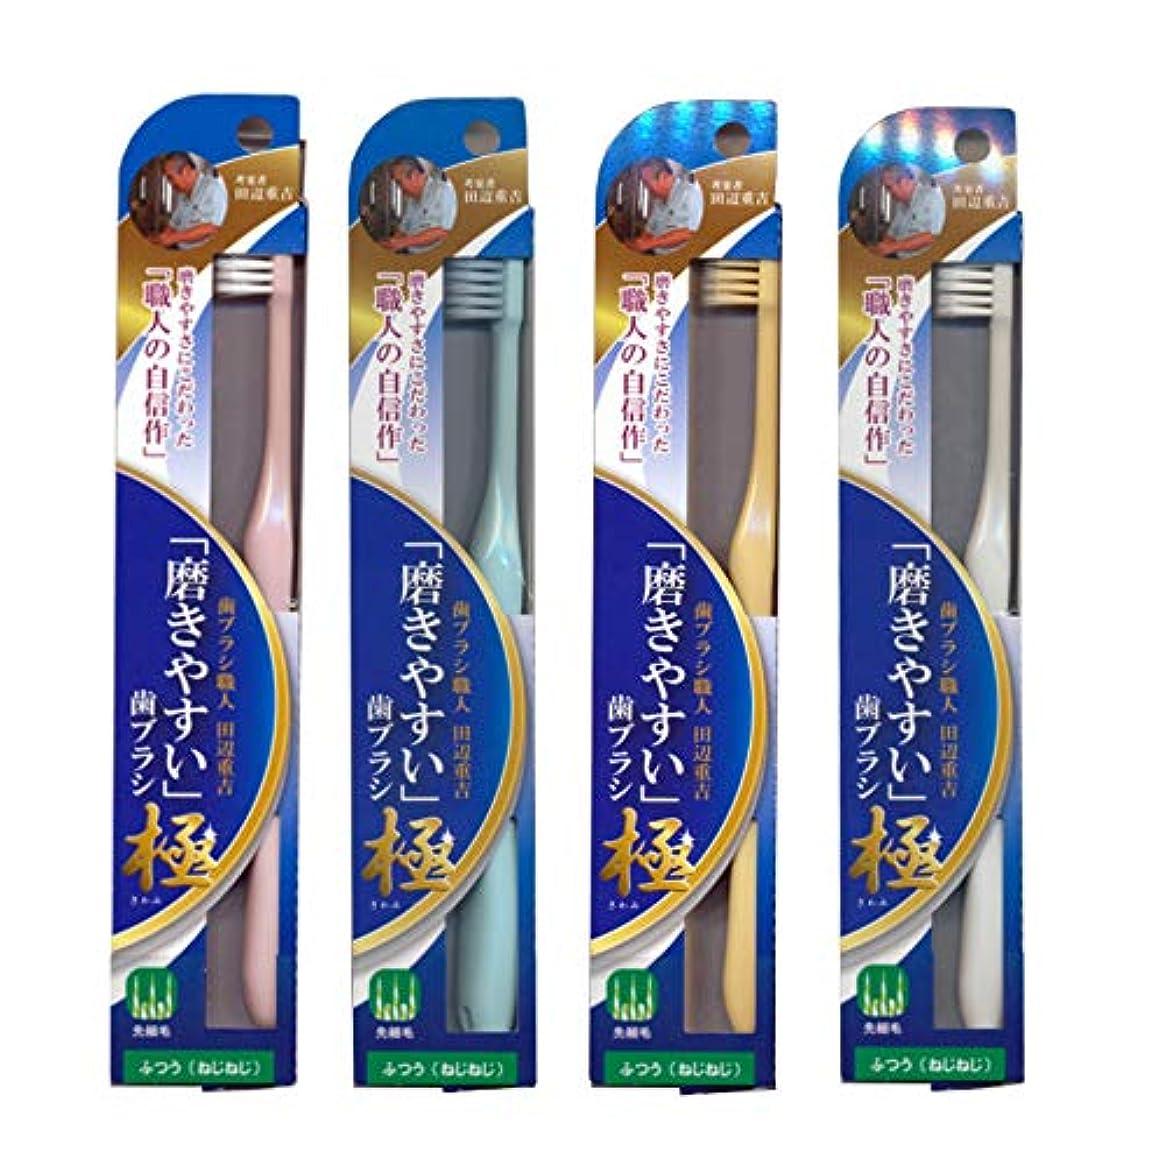 パースブラックボロウビクター自然磨きやすい歯ブラシ極 (ふつう ねじねじ) LT-45×4本セット(ピンク×1、ブルー×1、ホワイト×1、イエロー×1) 先細毛